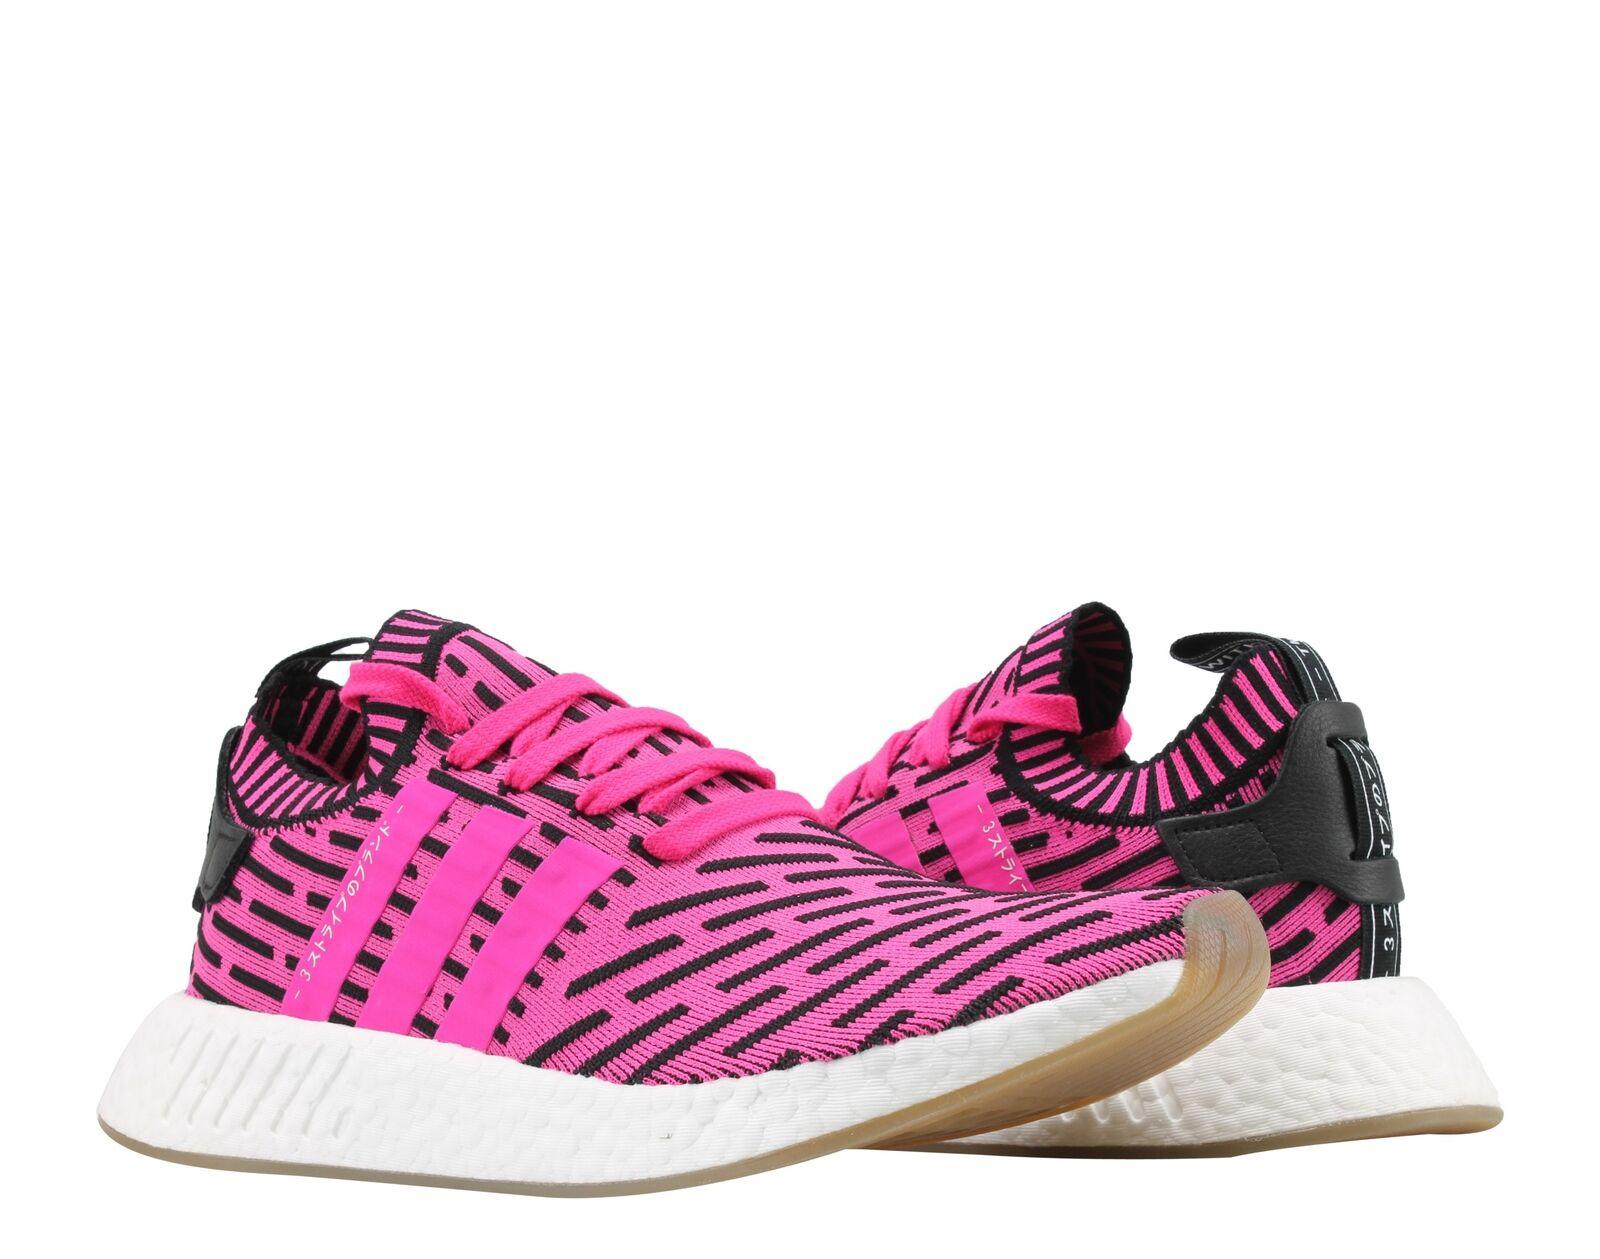 Size 9 - adidas NMD R2 Primeknit Japan Shock Pink 2017